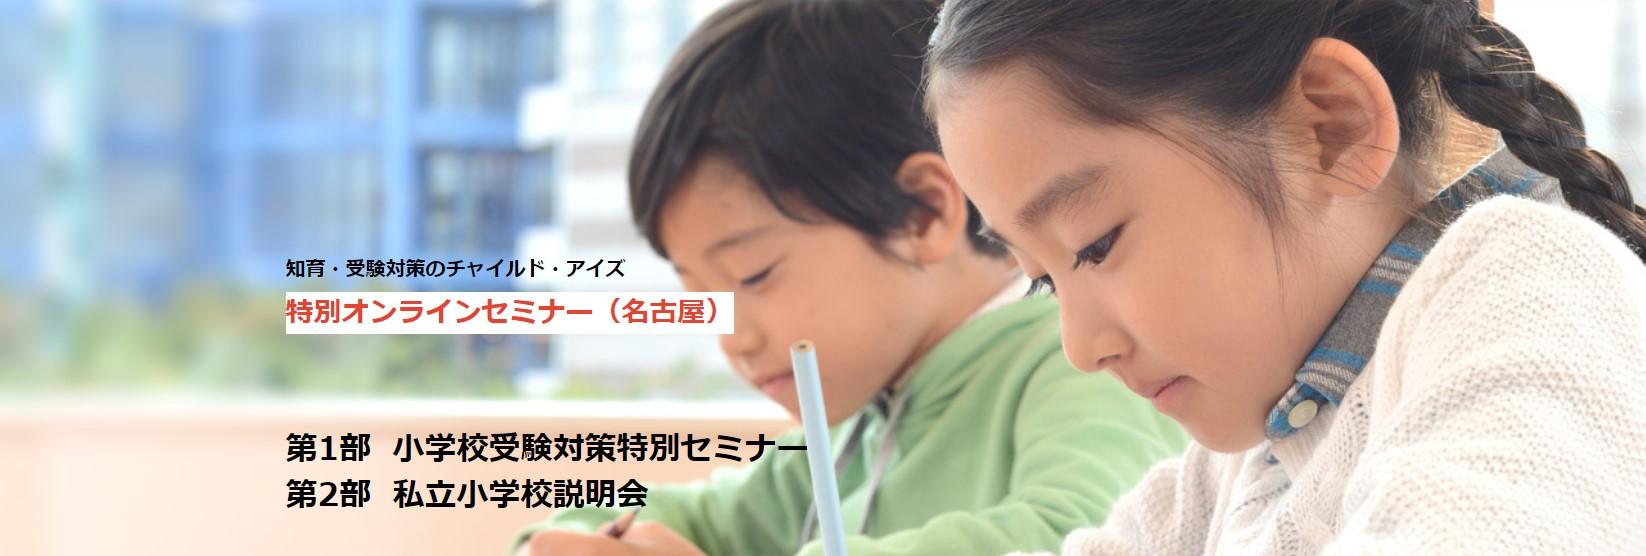 チャイルド・アイズの特別オンラインセミナー「小学校受験対策セミナー・私立小学校説明会(名古屋エリア4校)」6月7日(日)開催